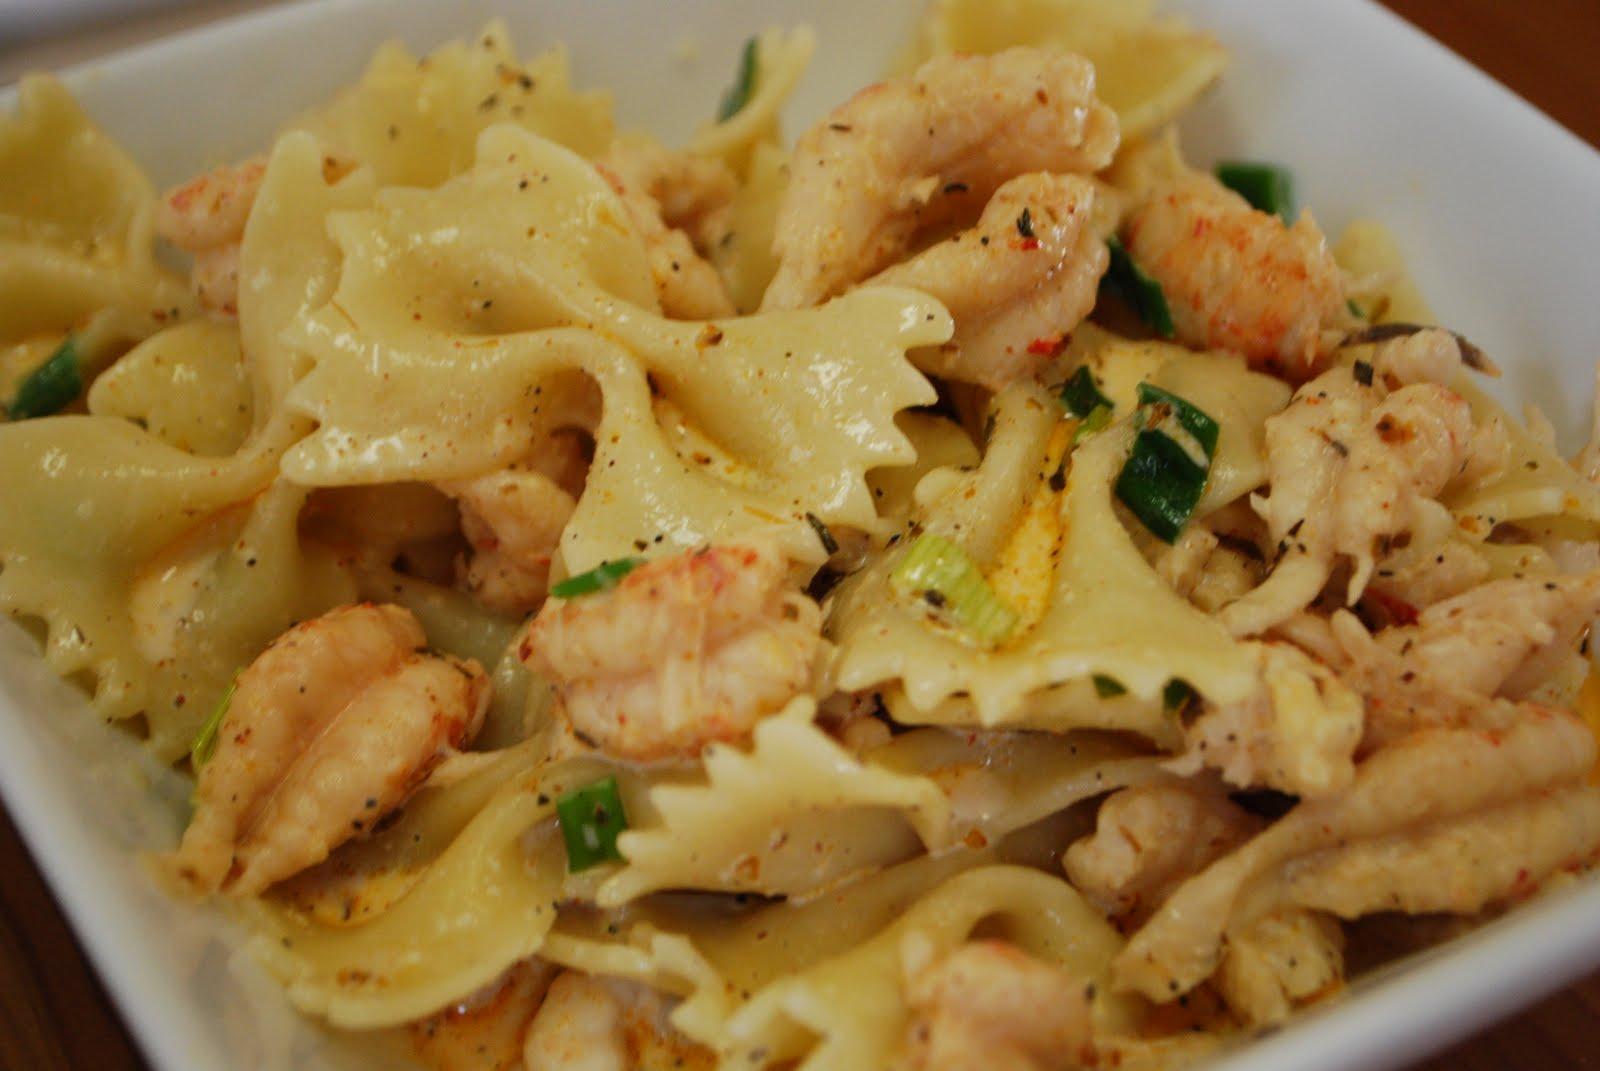 Simply Mangerchine: Crawfish Roban Pasta